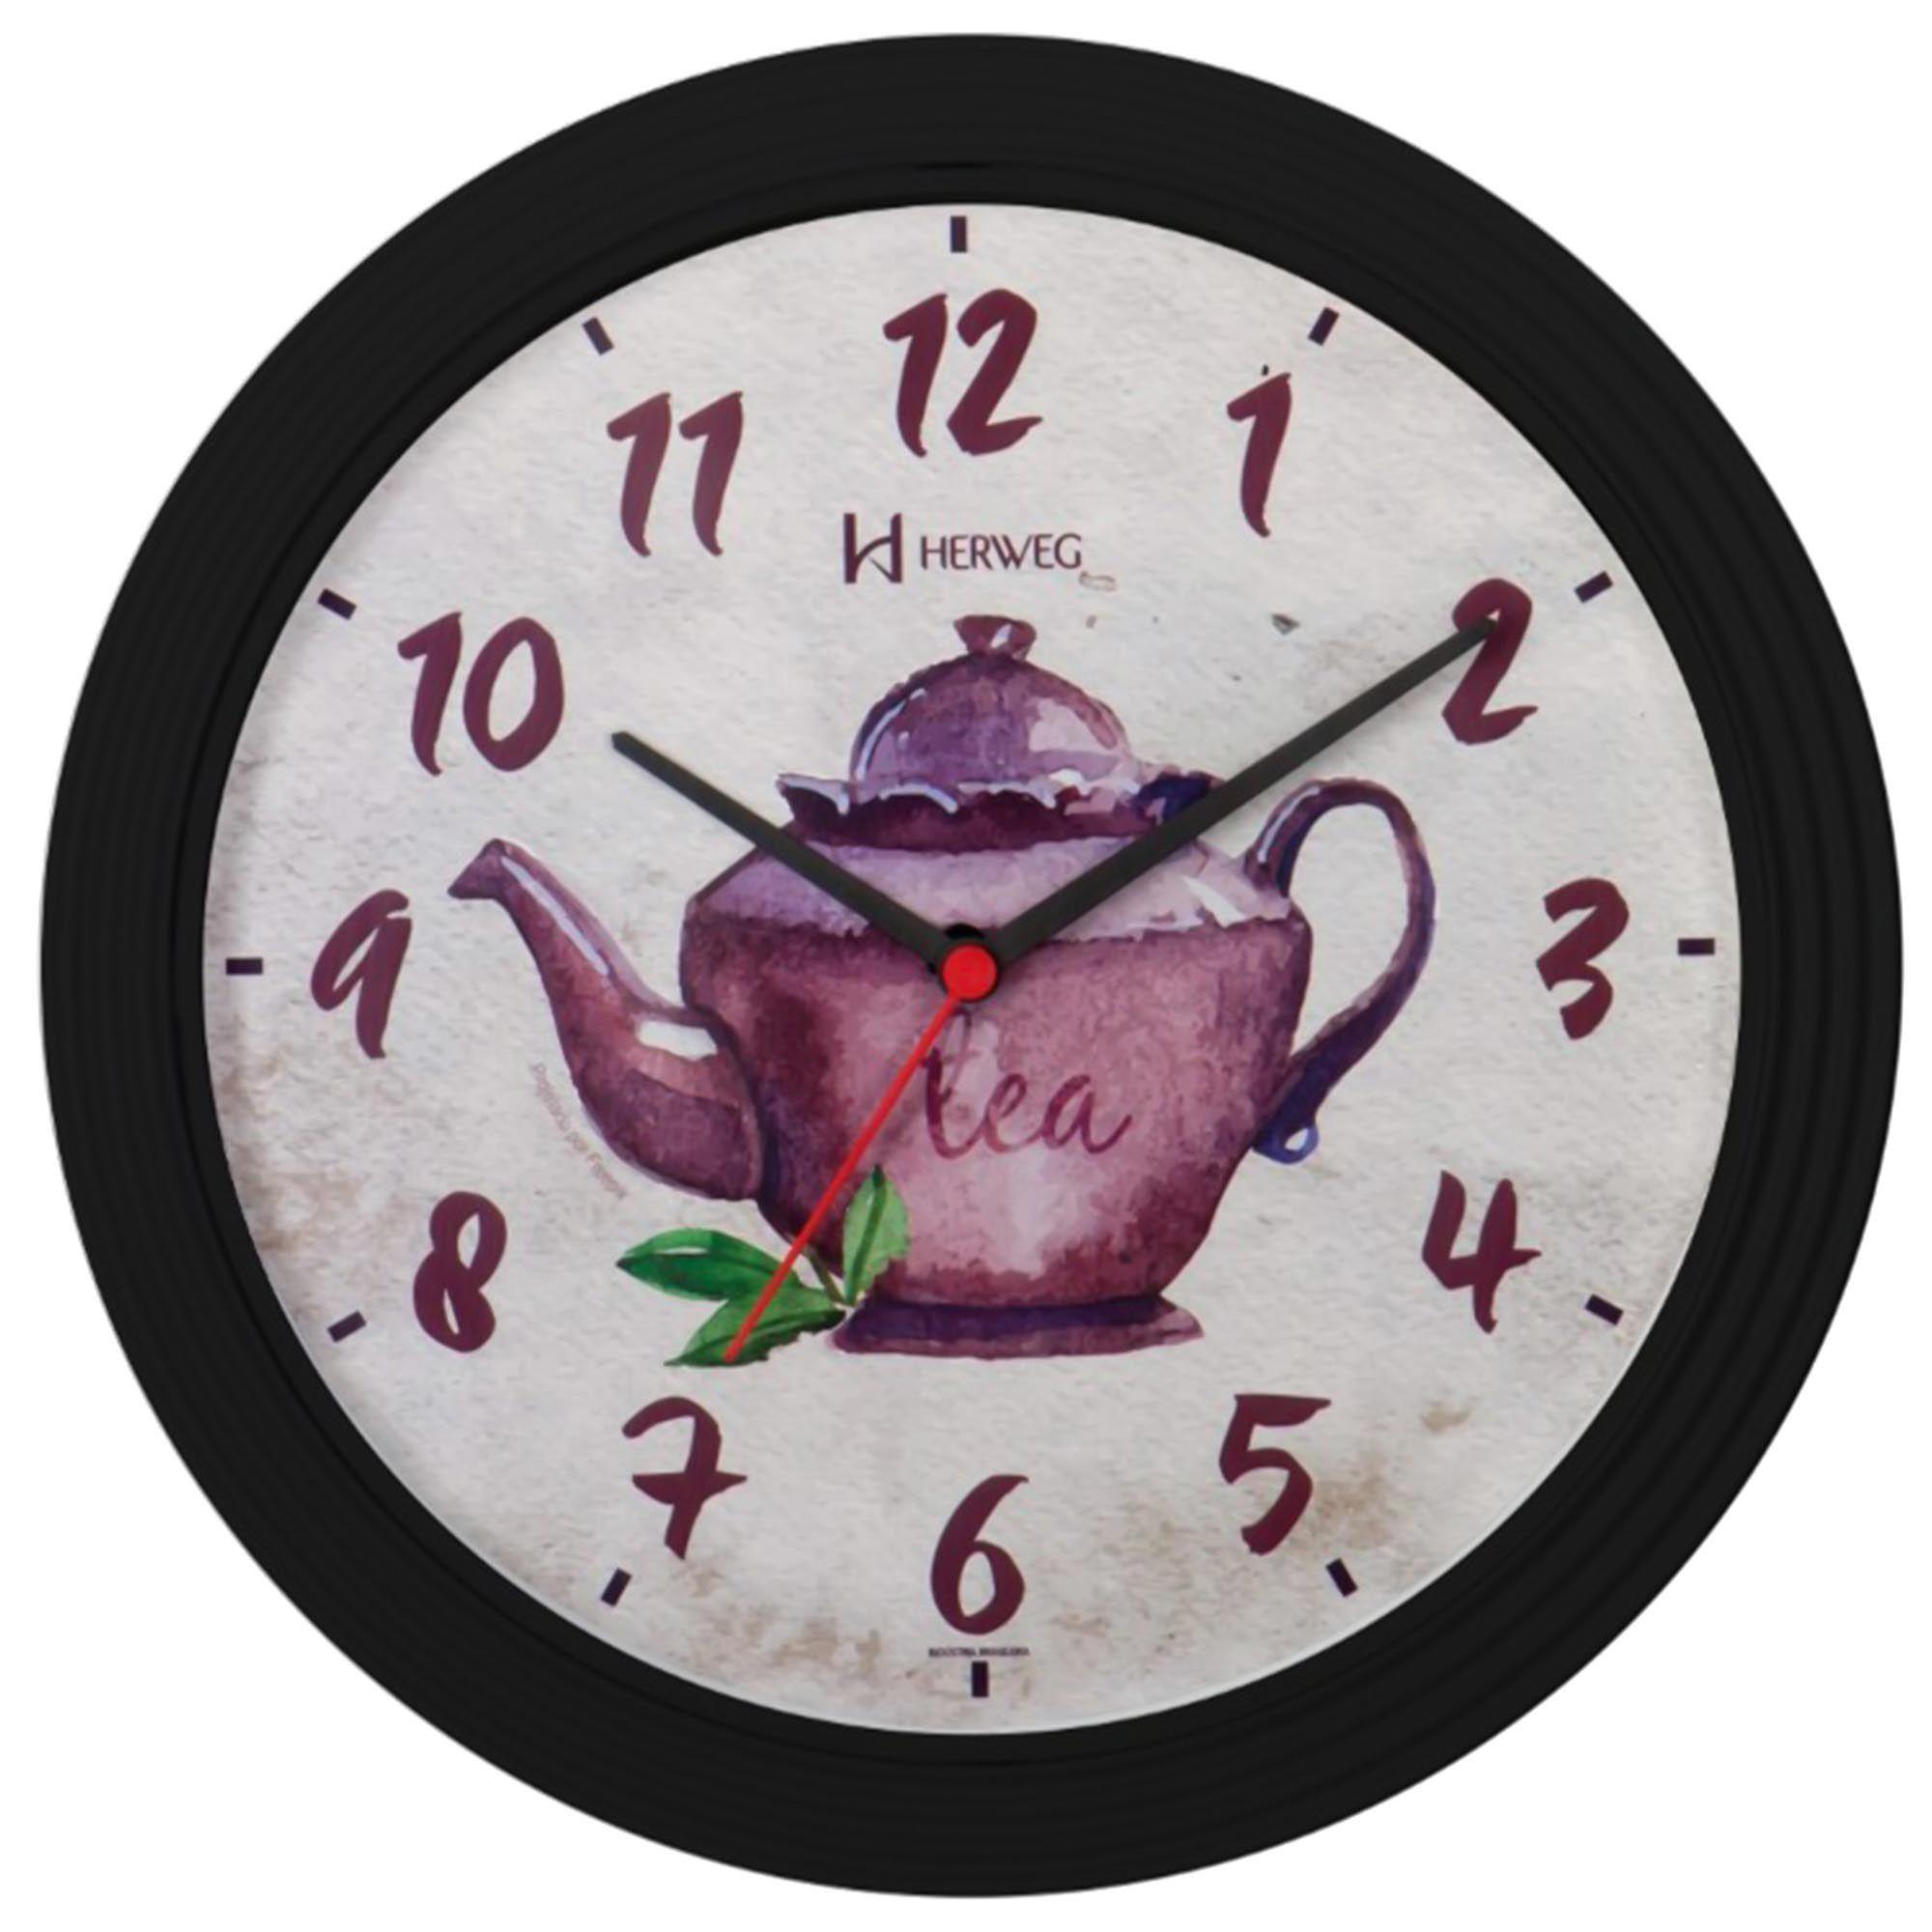 Relógio de Parede Analógico Herweg 660012 035 Preto Brilhante